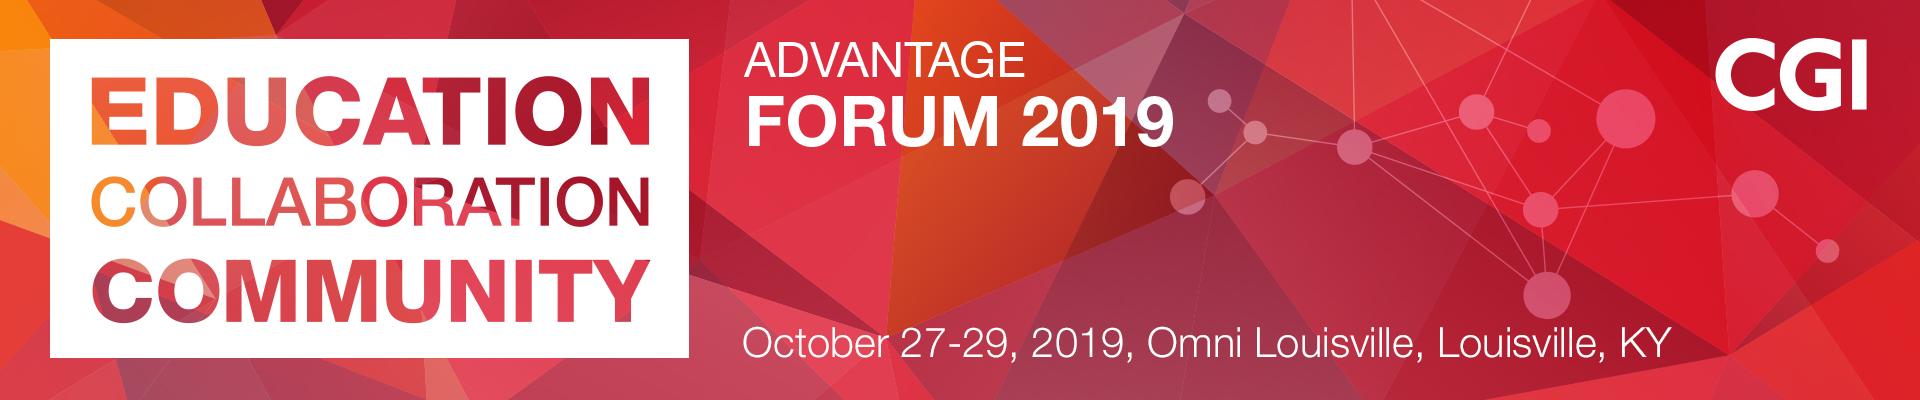 CGI Forum 2019